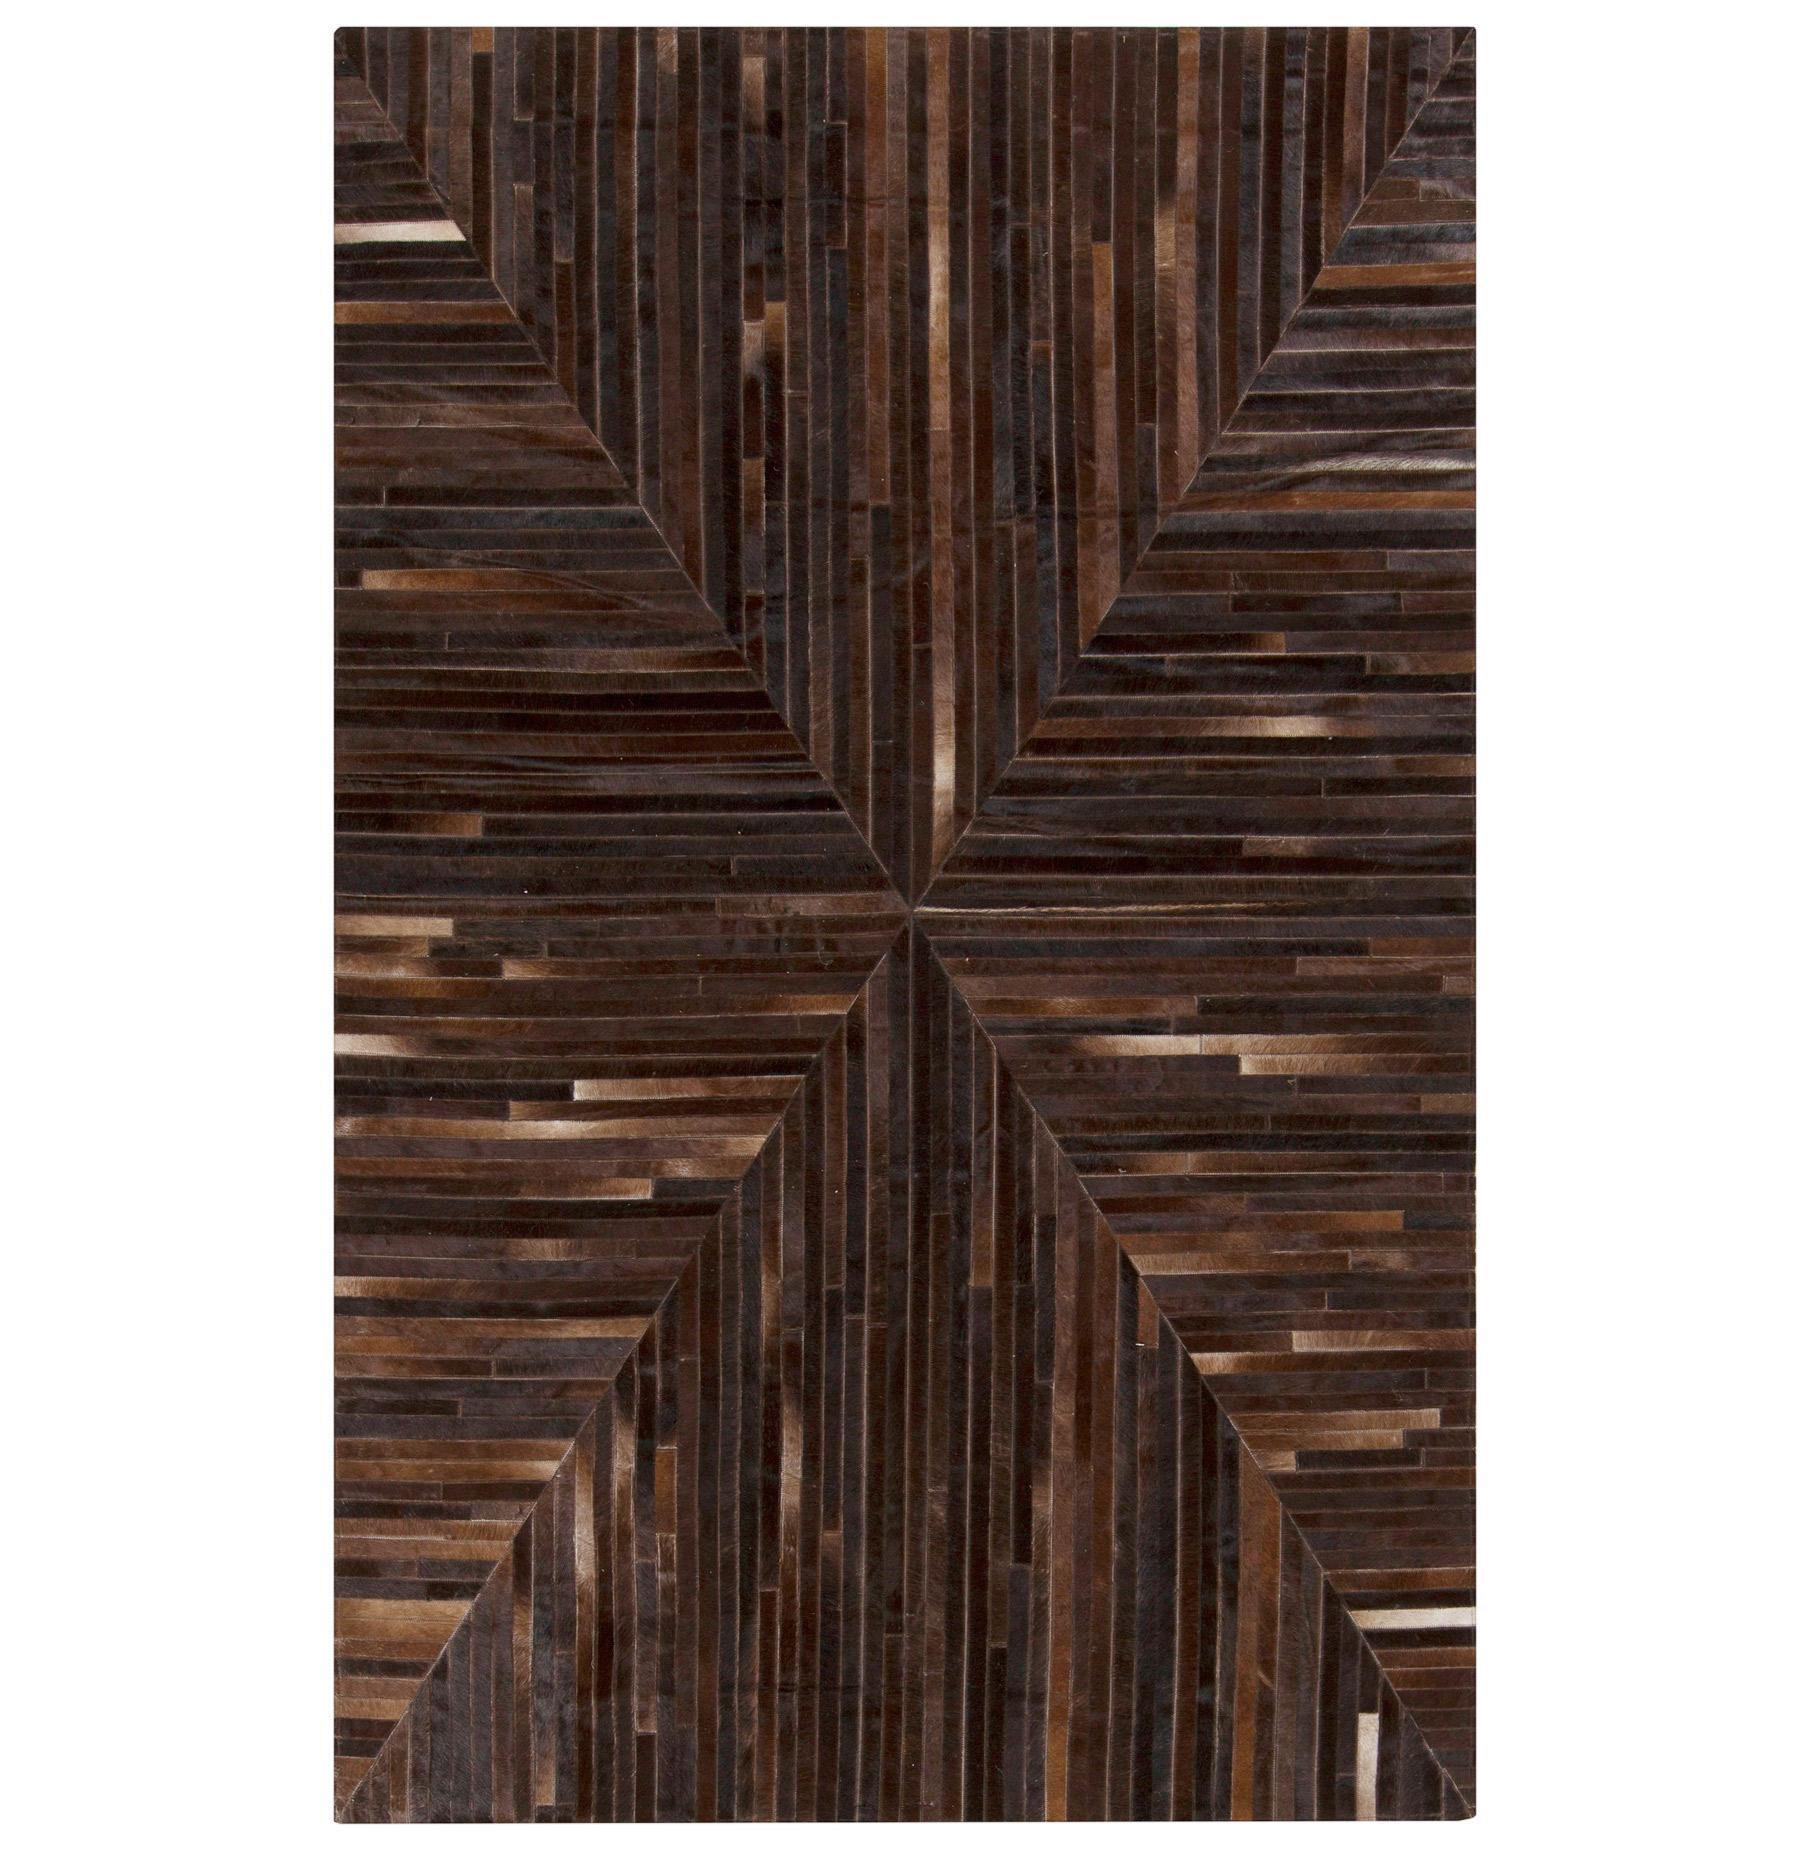 Jakarta Global Bazaar Geometric Stripes Dark Brown Cowhide Rug - 8x10